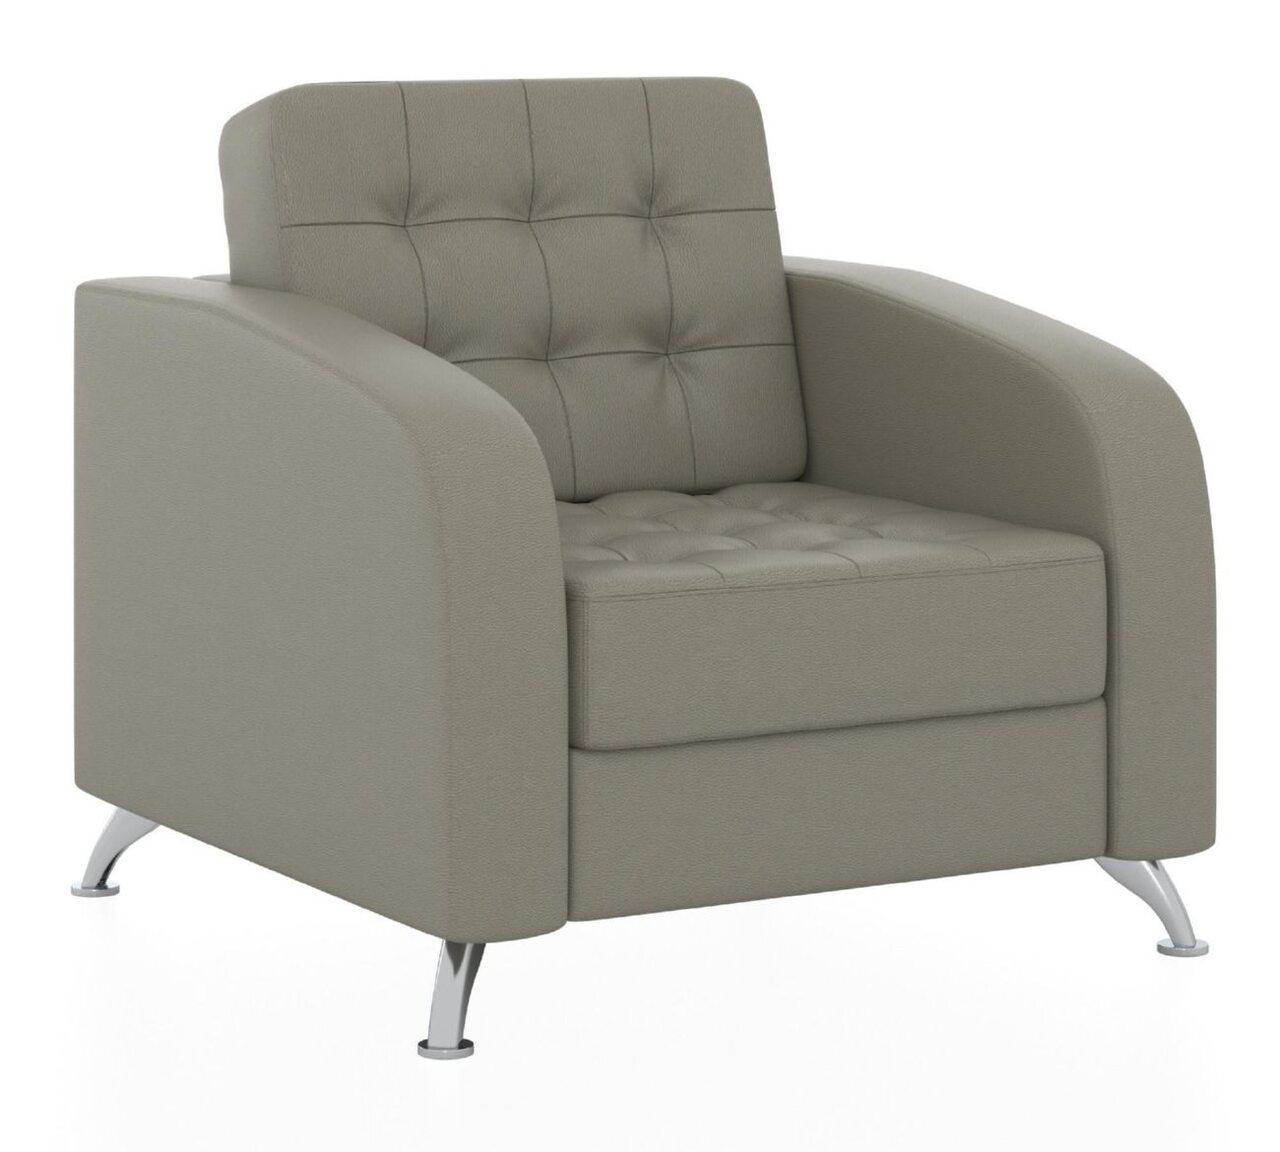 Кресло  РОЛЬФ 89x85x84 - фото 1